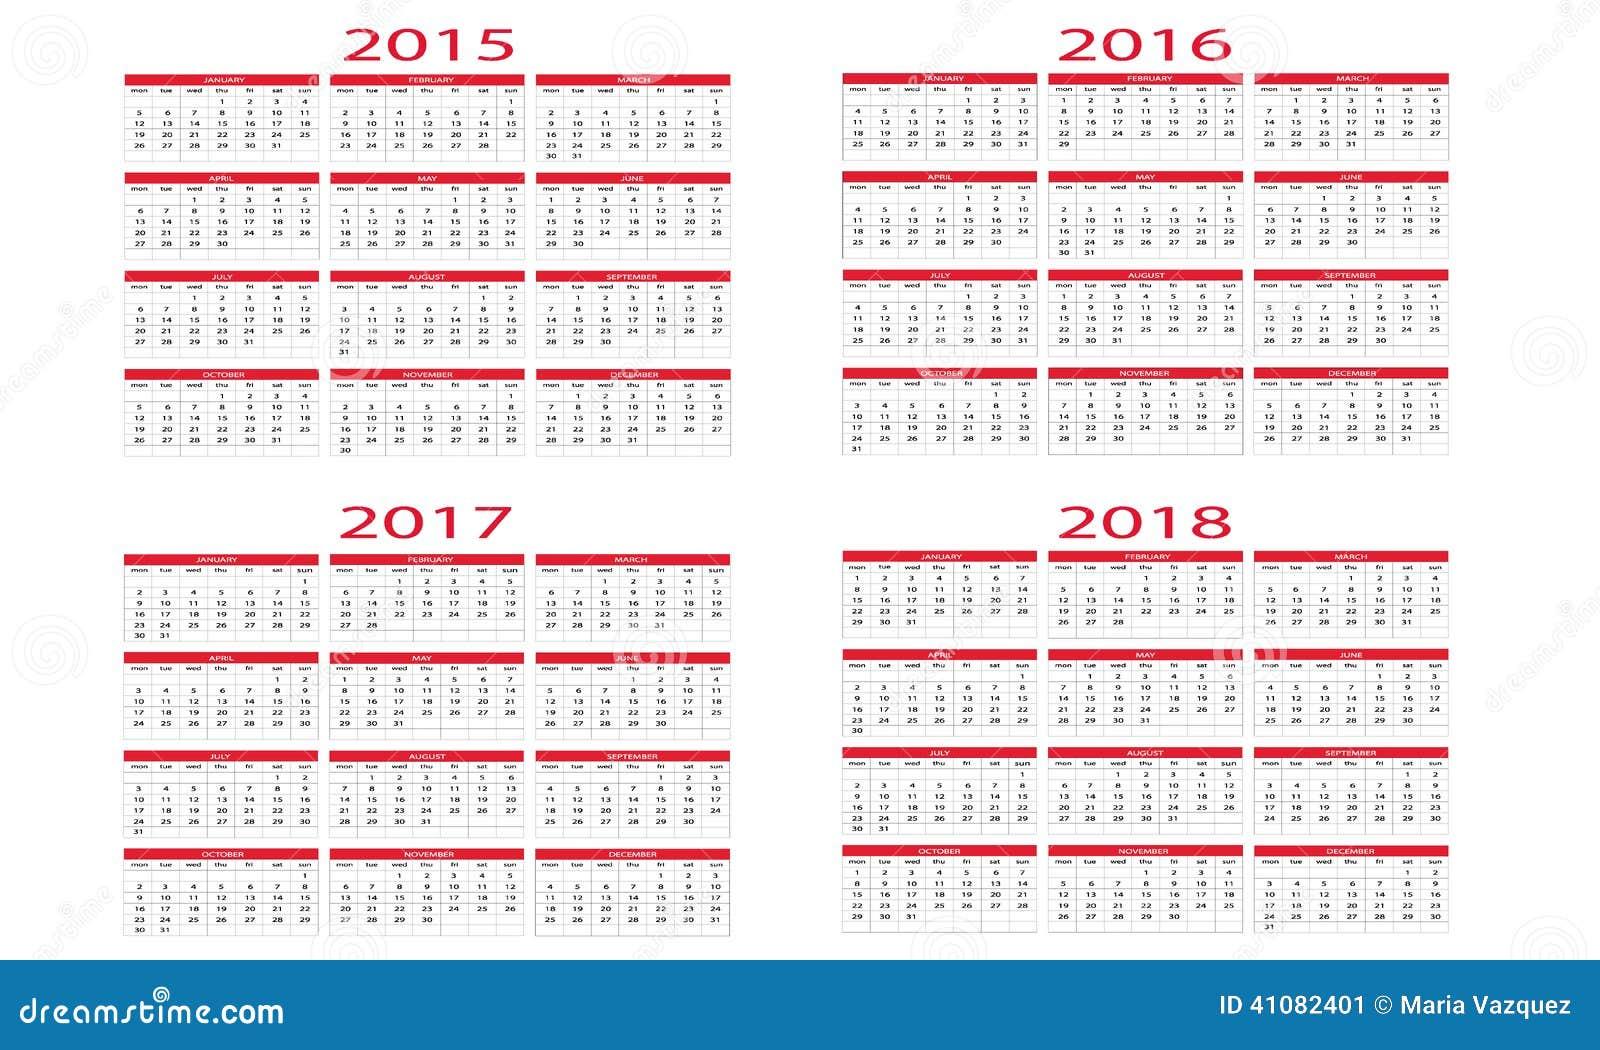 Calendario 2015 A 2018 Ilustración del Vector - Imagen: 41082401